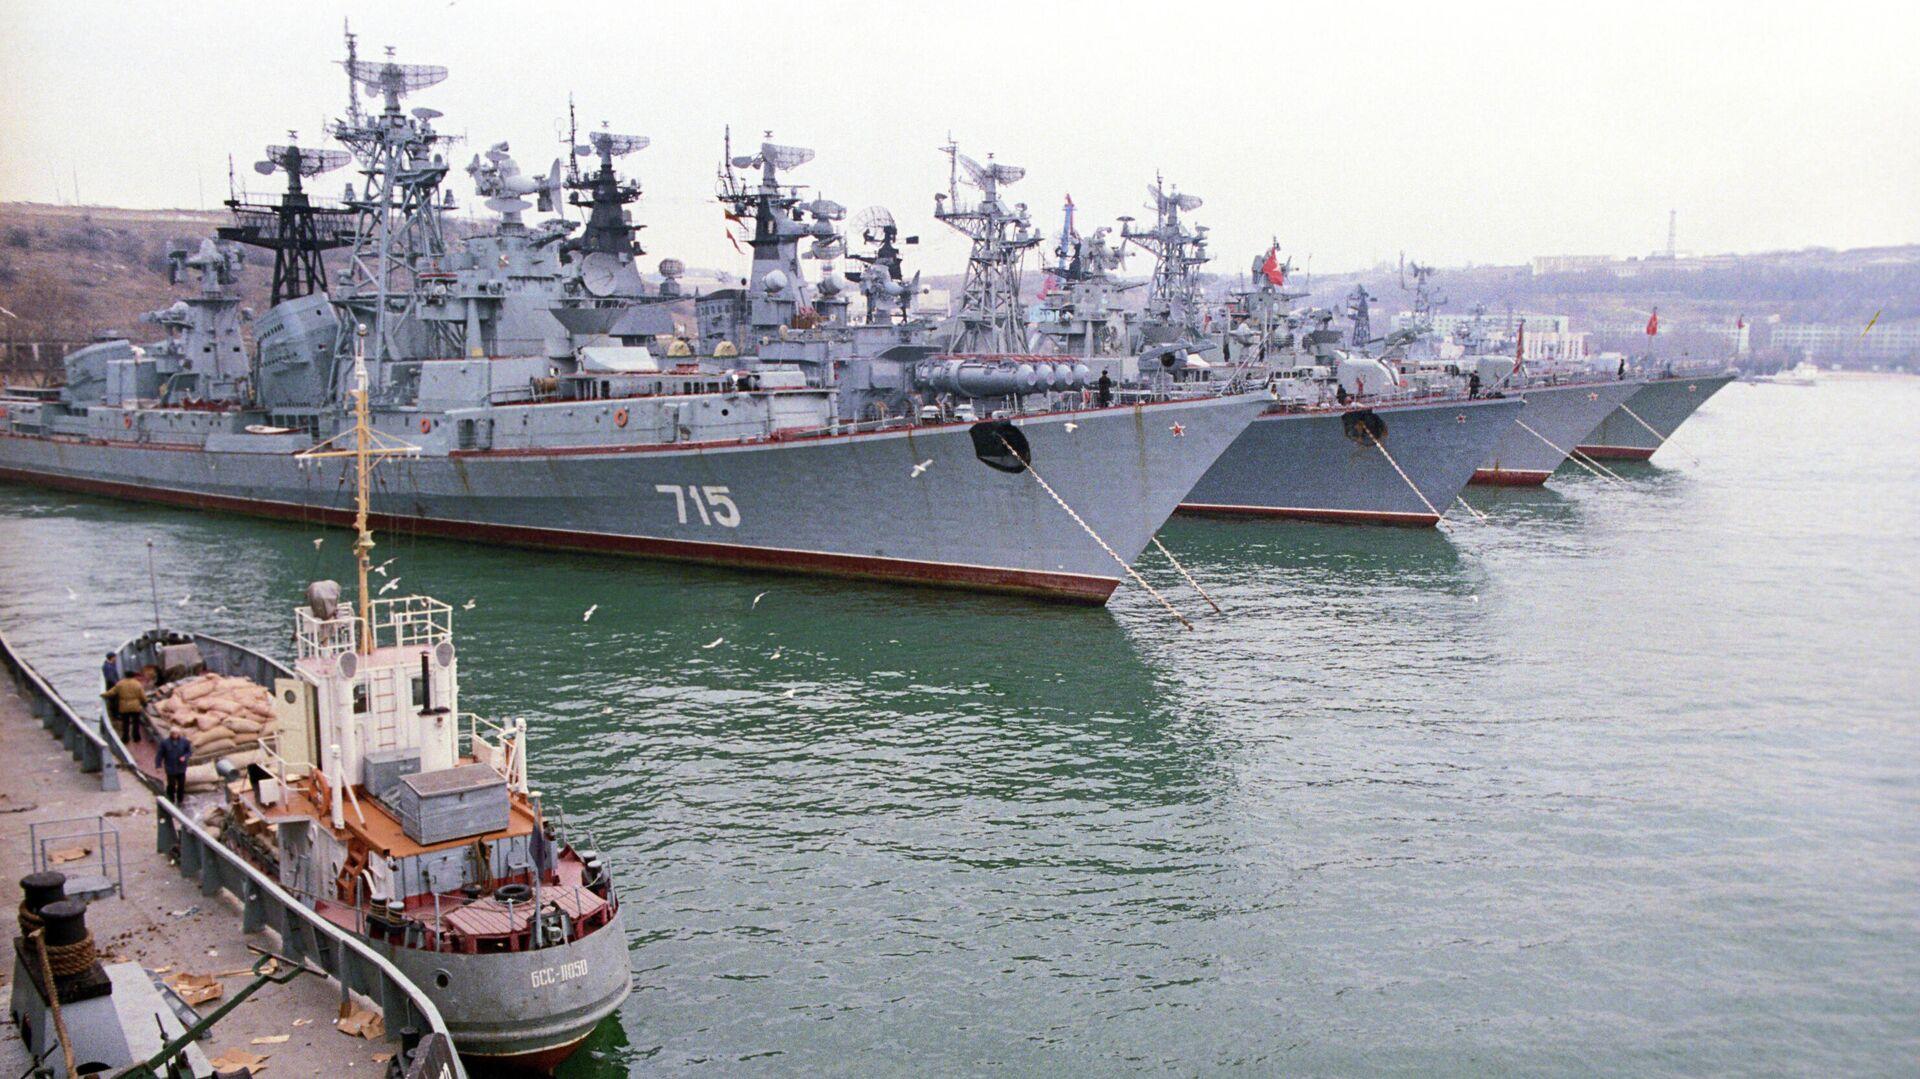 Военно-морские корабли Черноморского флота в бухте Севастополя - РИА Новости, 1920, 13.05.2021